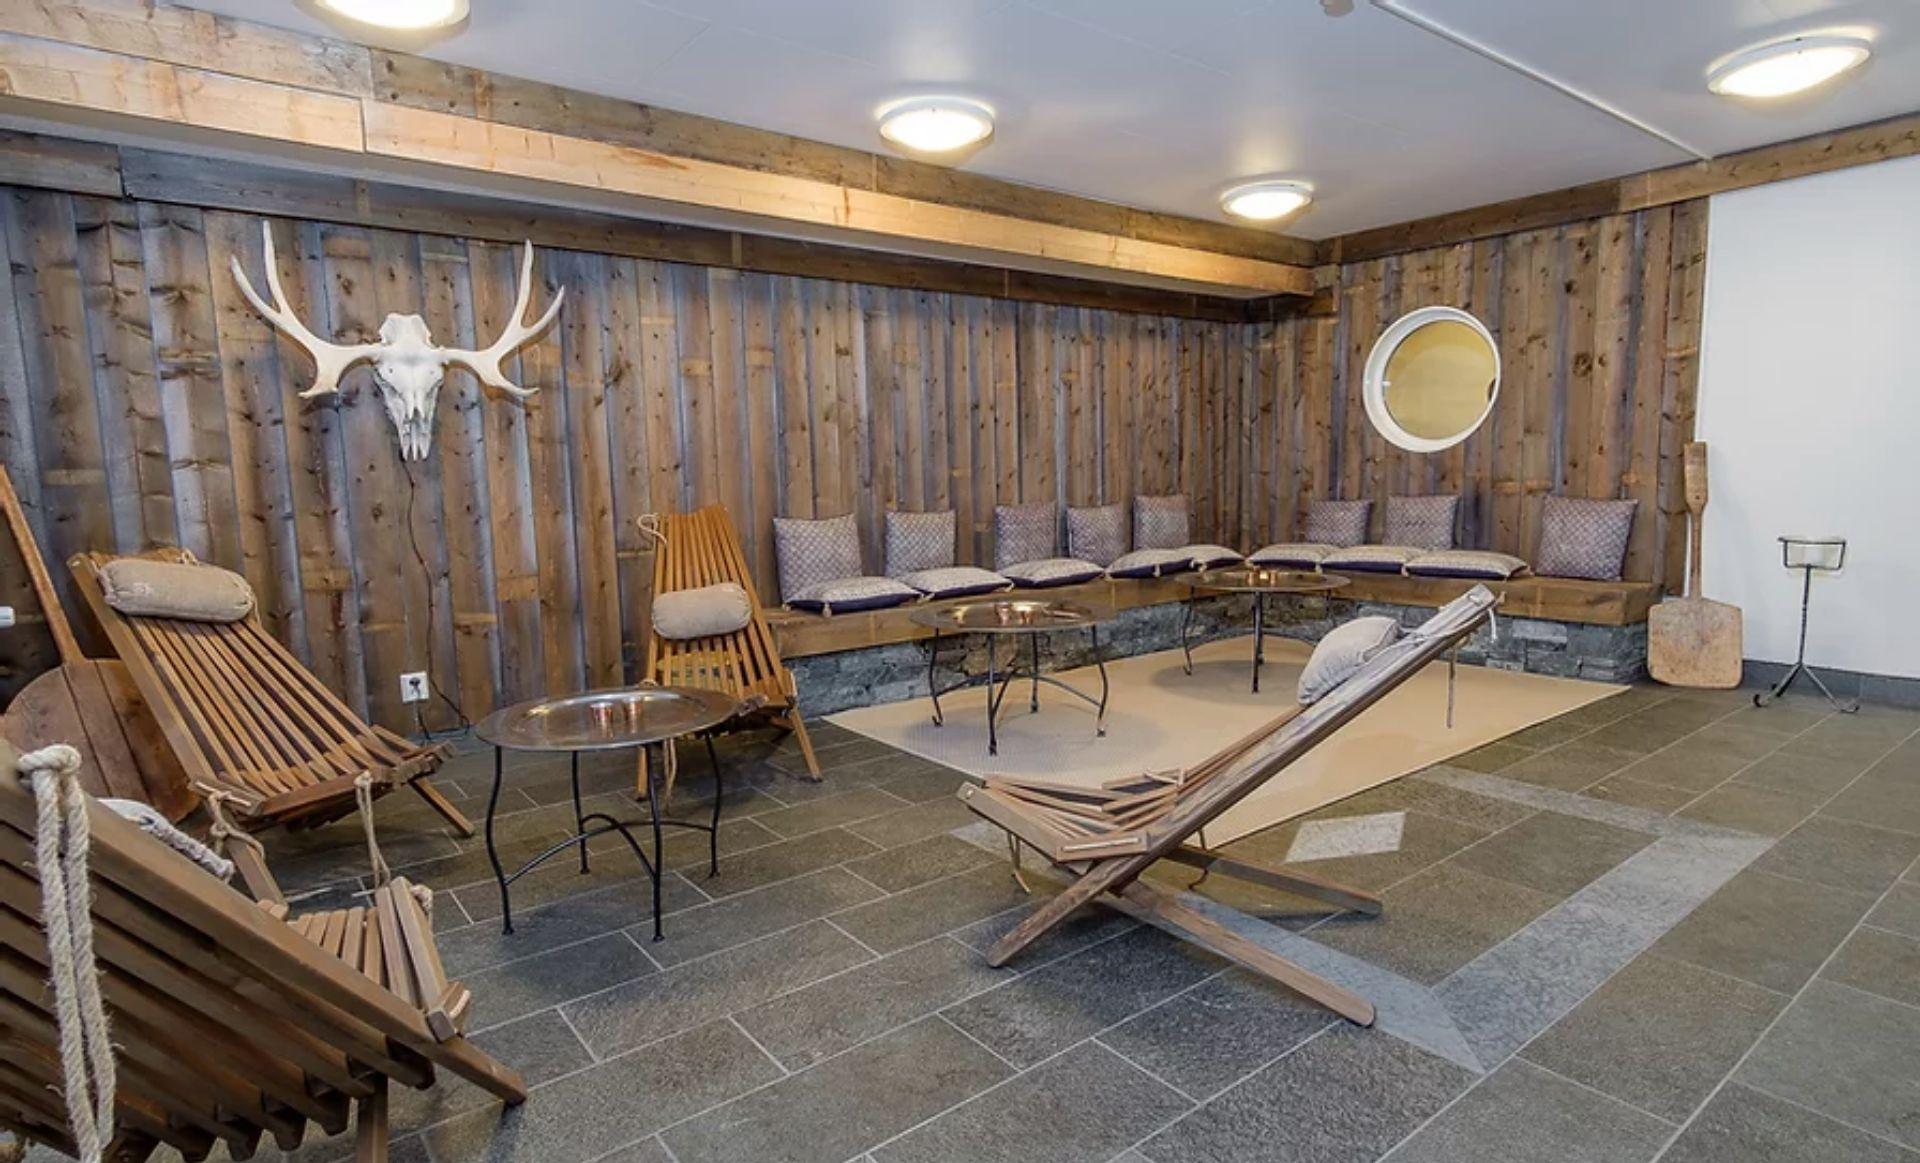 Koppla av i relaxen hos Jänsmässholmens Fjällhotell. Foto © Anna Elisabeth Gustafsson.